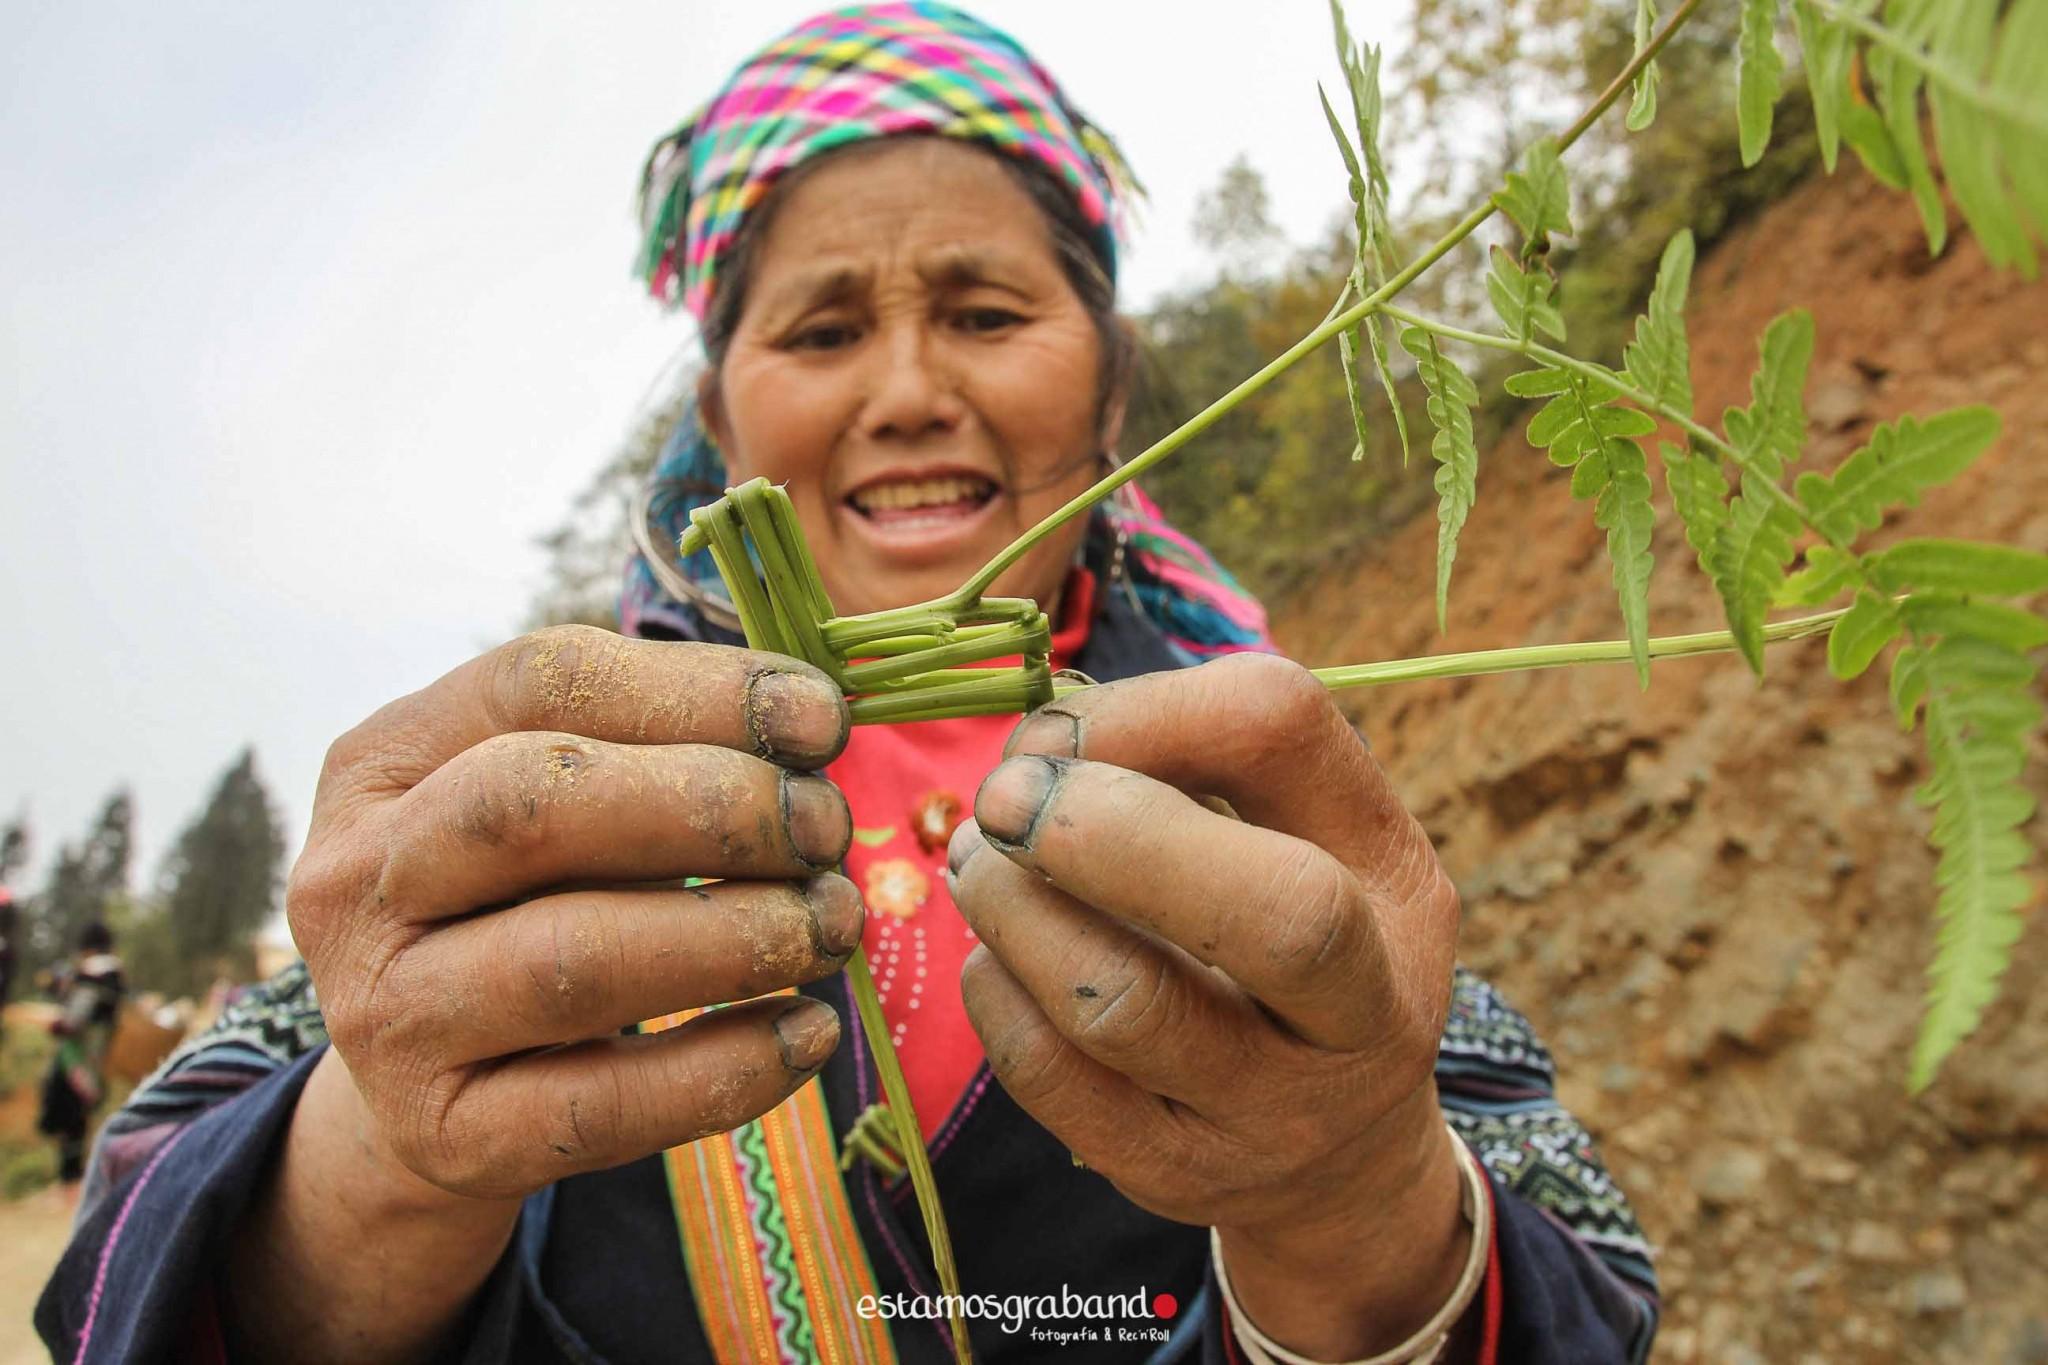 reportaje-vietnam_fotograficc81a-vietnam_estamosgrabando-vietnam_rutasvietnam_reportaje-retratos-fotos-vietnam_fotografia-vietnam_reportaje-estamosgrabando-fotograficc81a-vietnam-8 Pequeños grandes recuerdos de Vietnam en 100 imágenes - video boda cadiz